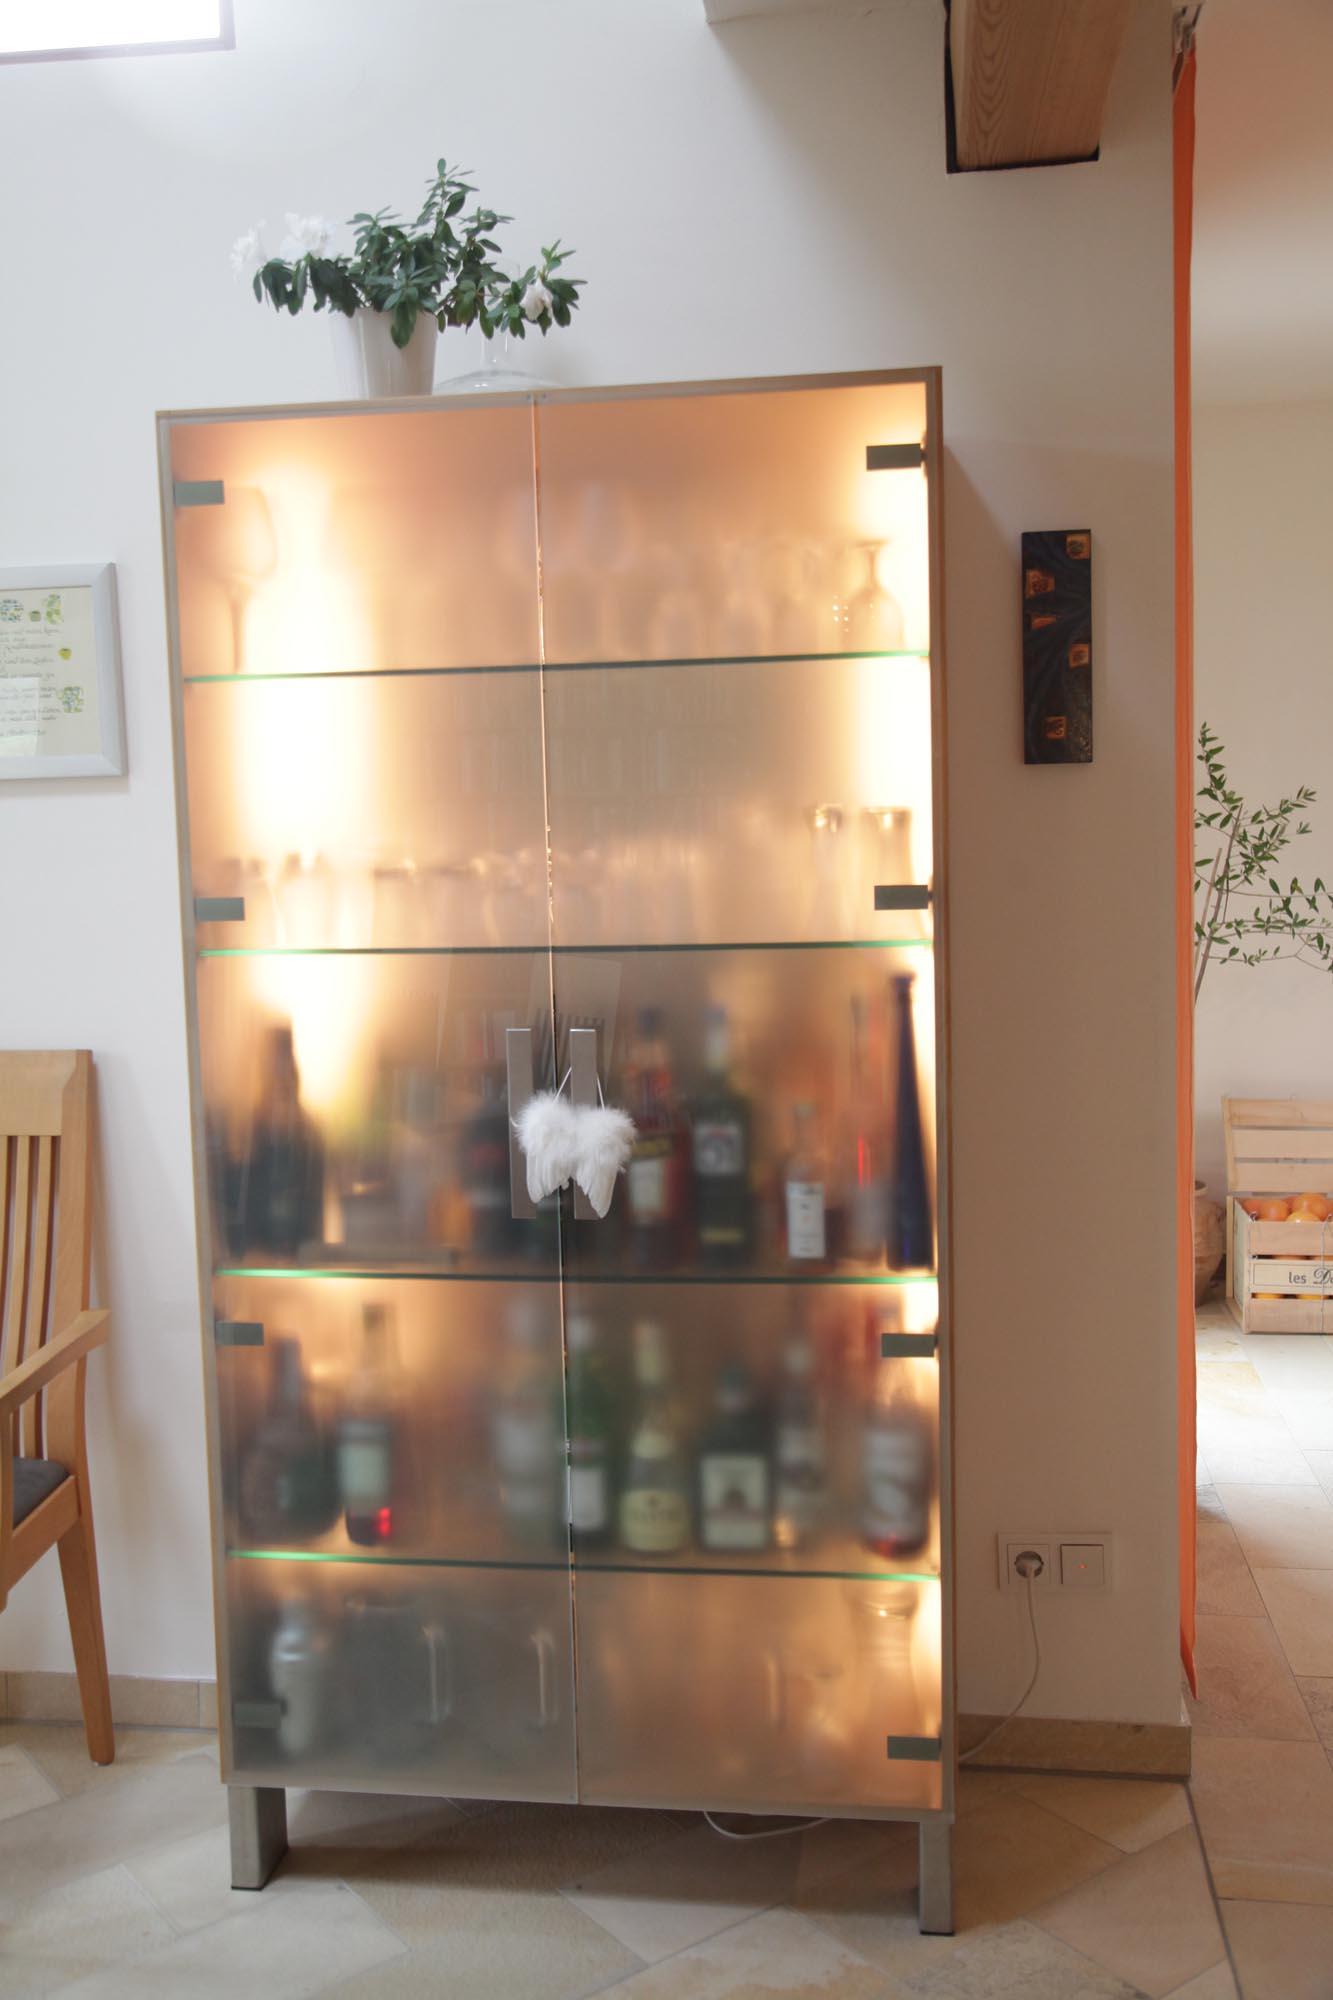 Barschrank-Inspirationen oder auch Geschirrschränke mit Fotos und